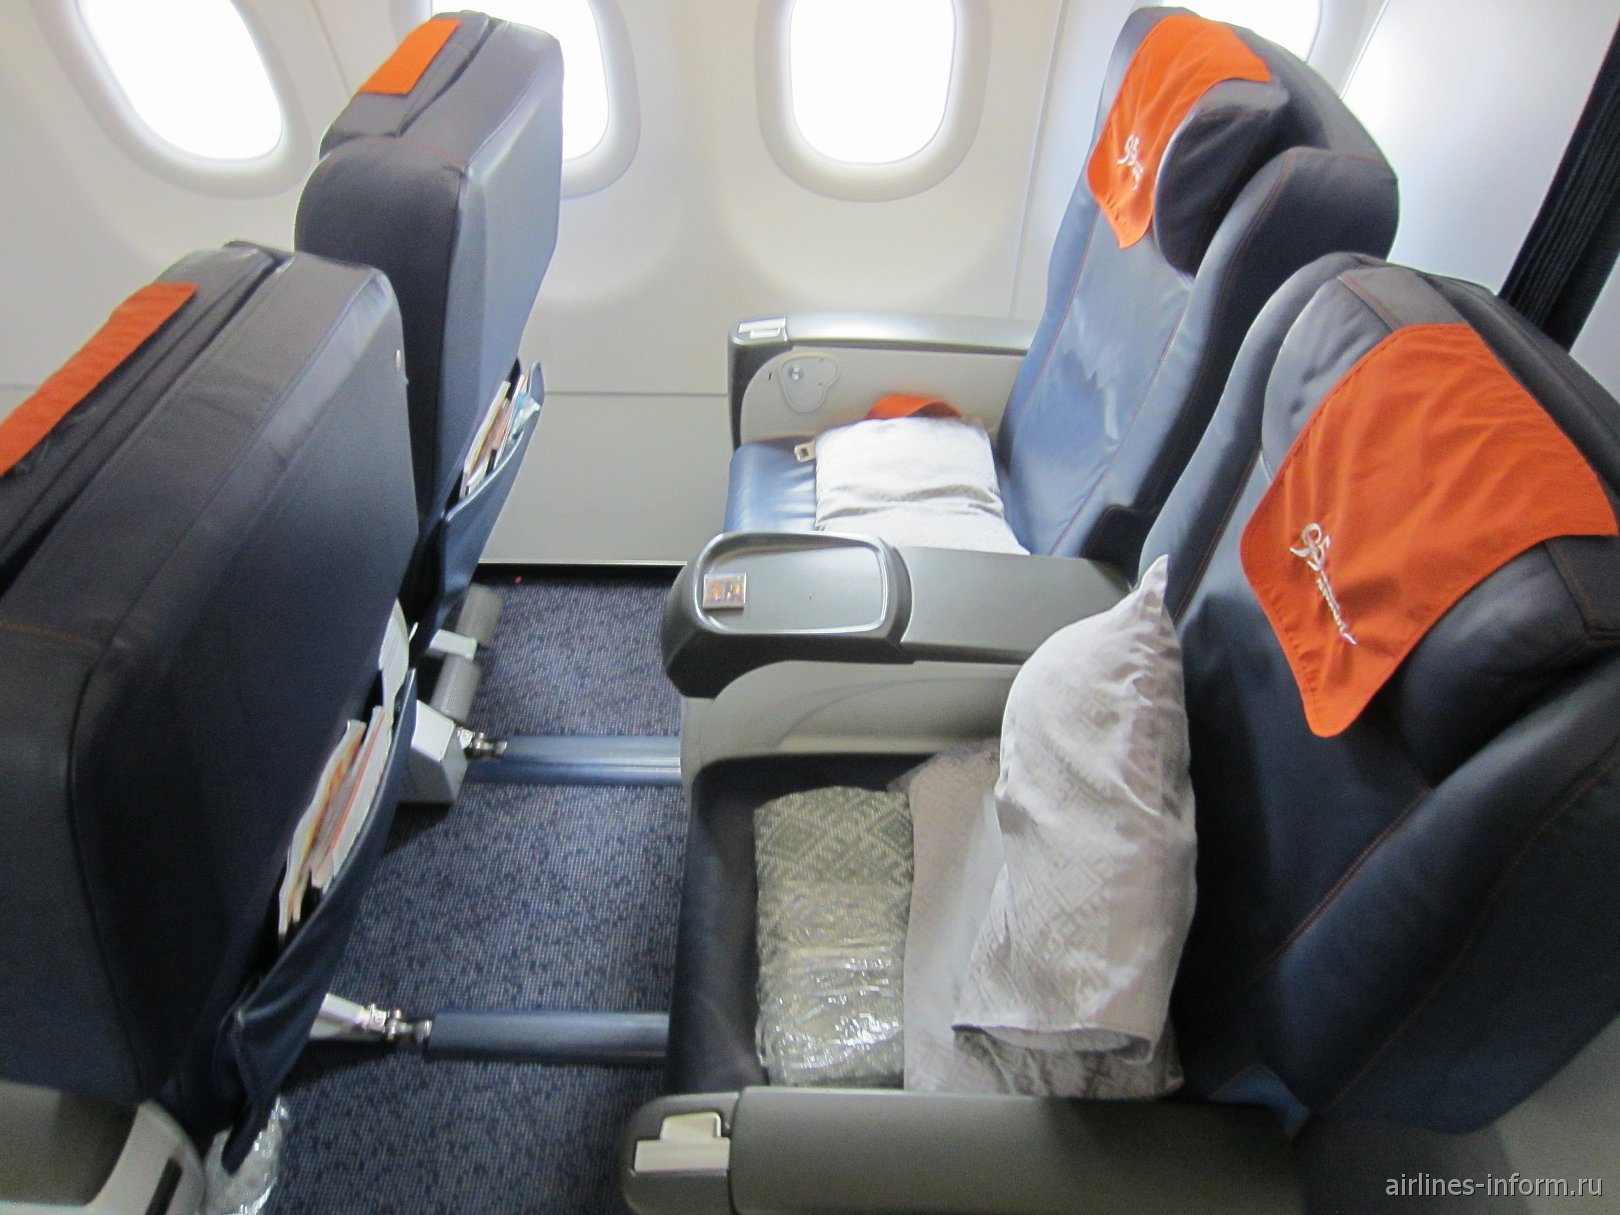 Пассажирские кресла бизнес-класса в самолете Airbus A320 Аэрофлота